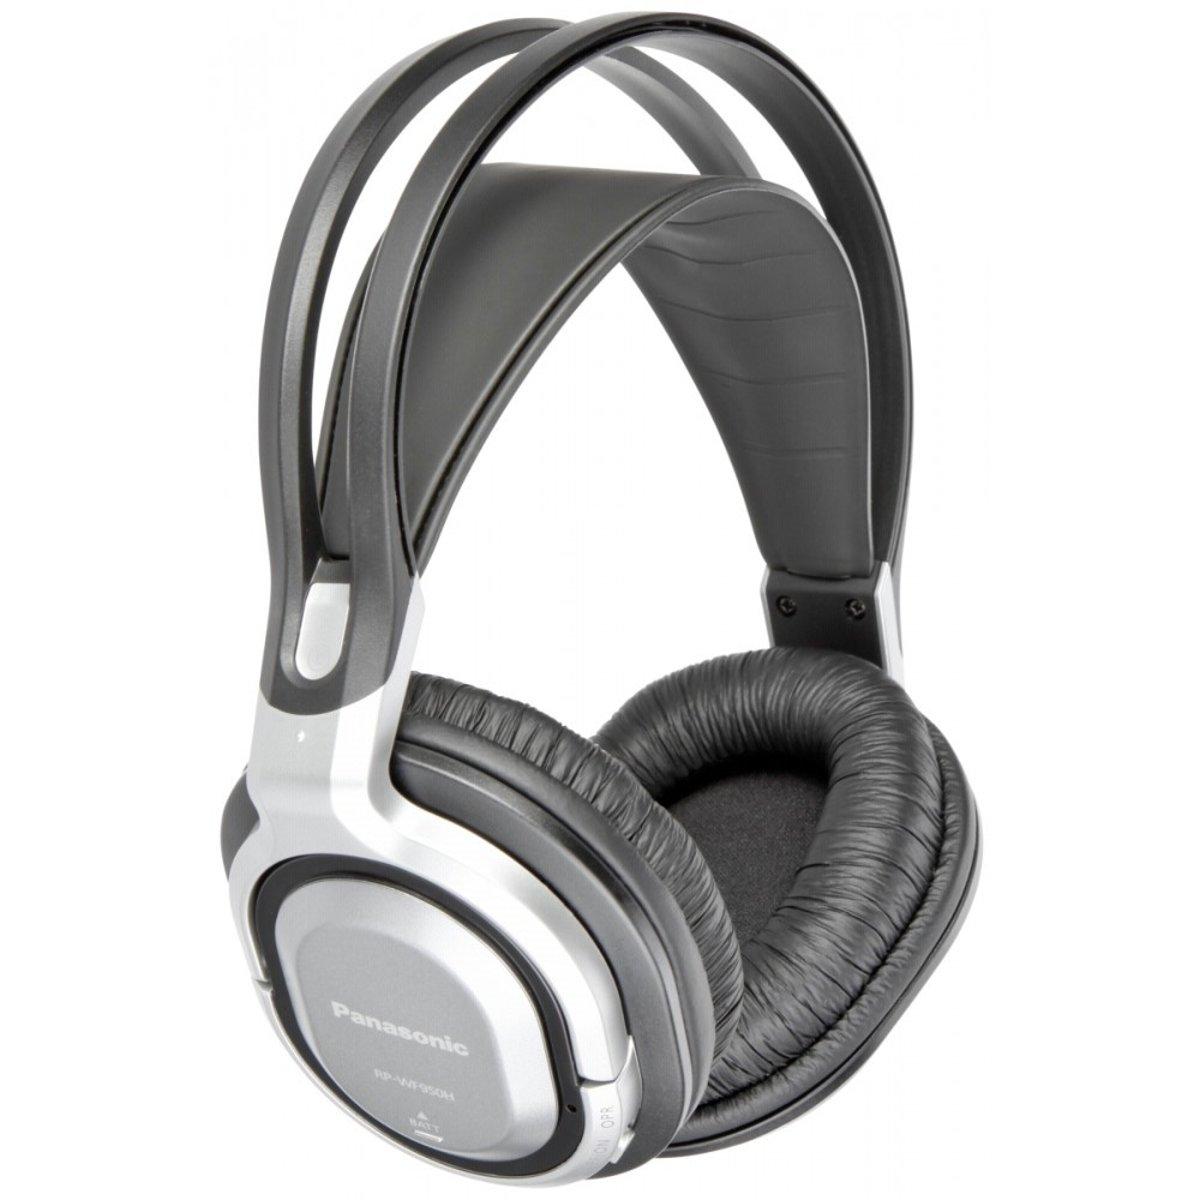 Panasonic RP-WF950 - Draadloze Over-ear Koptelefoon - Zwart kopen